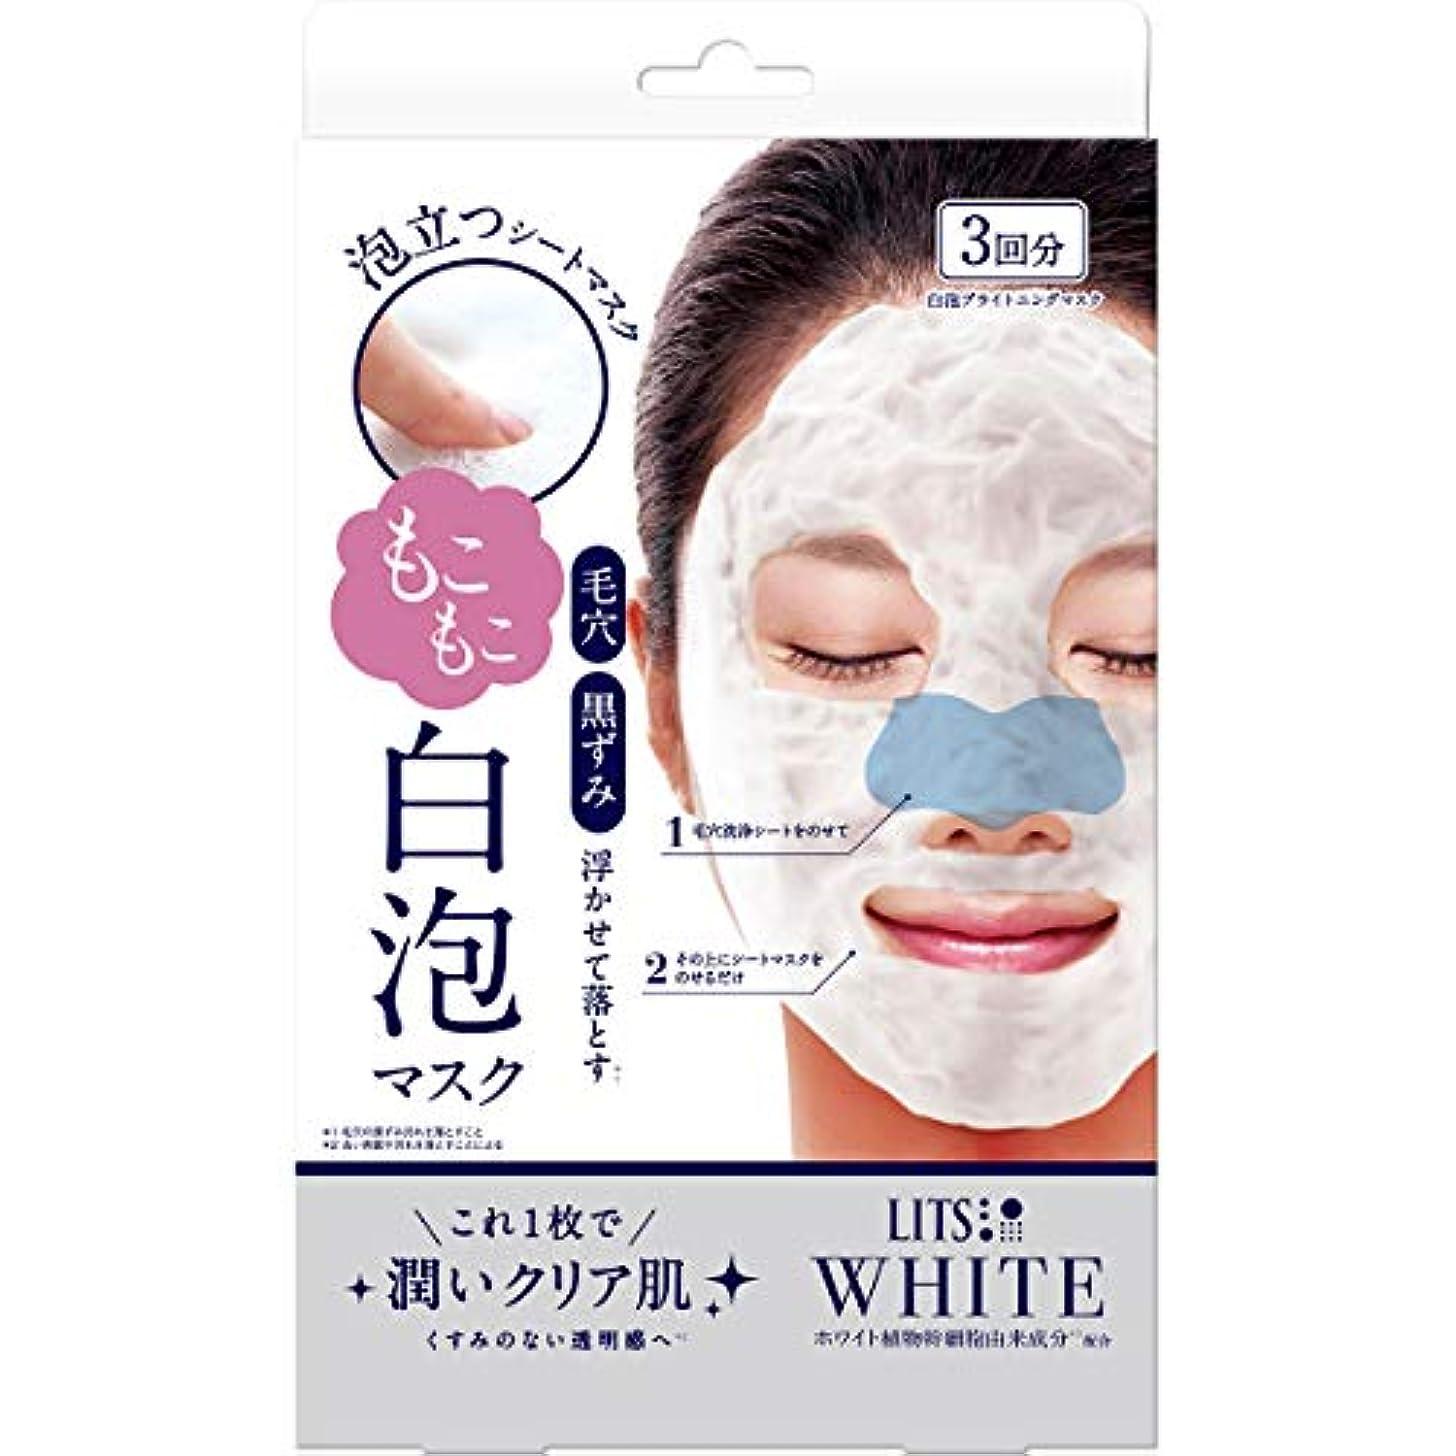 レインコート読みやすい気分が悪いリッツ ホワイト もこもこ白泡マスク 3枚